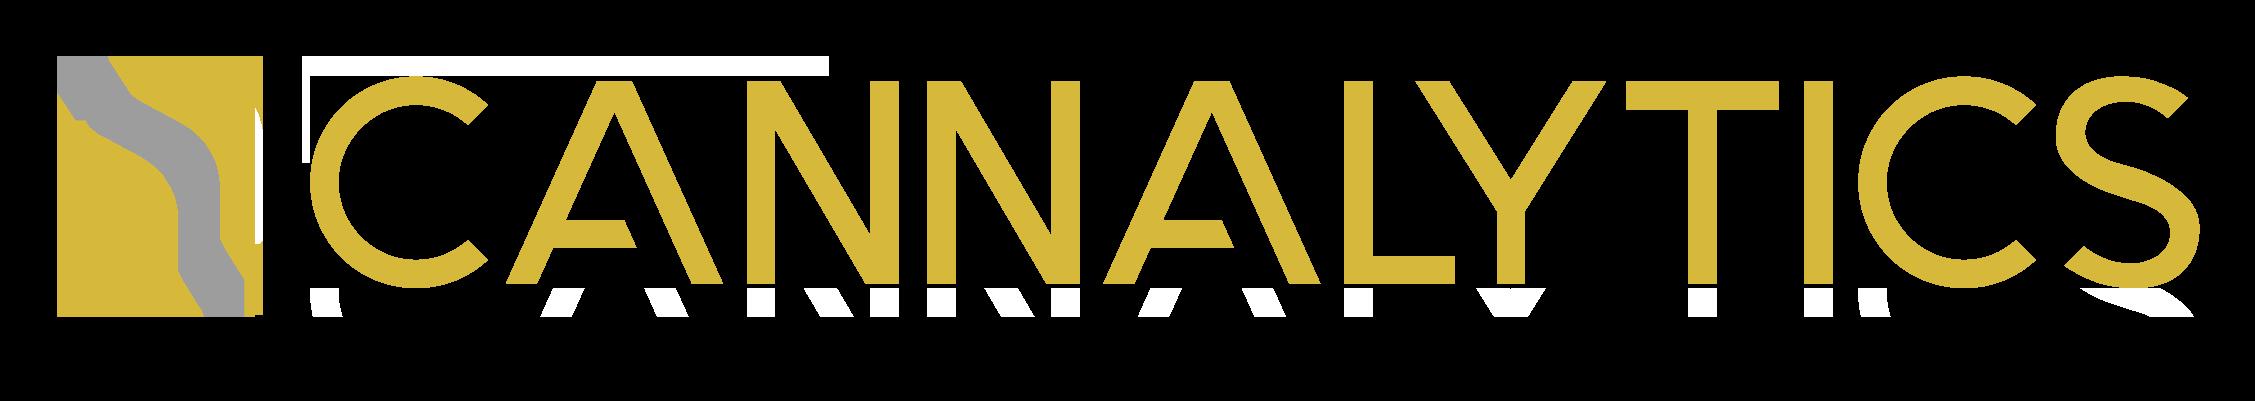 Cannalytics Logo.